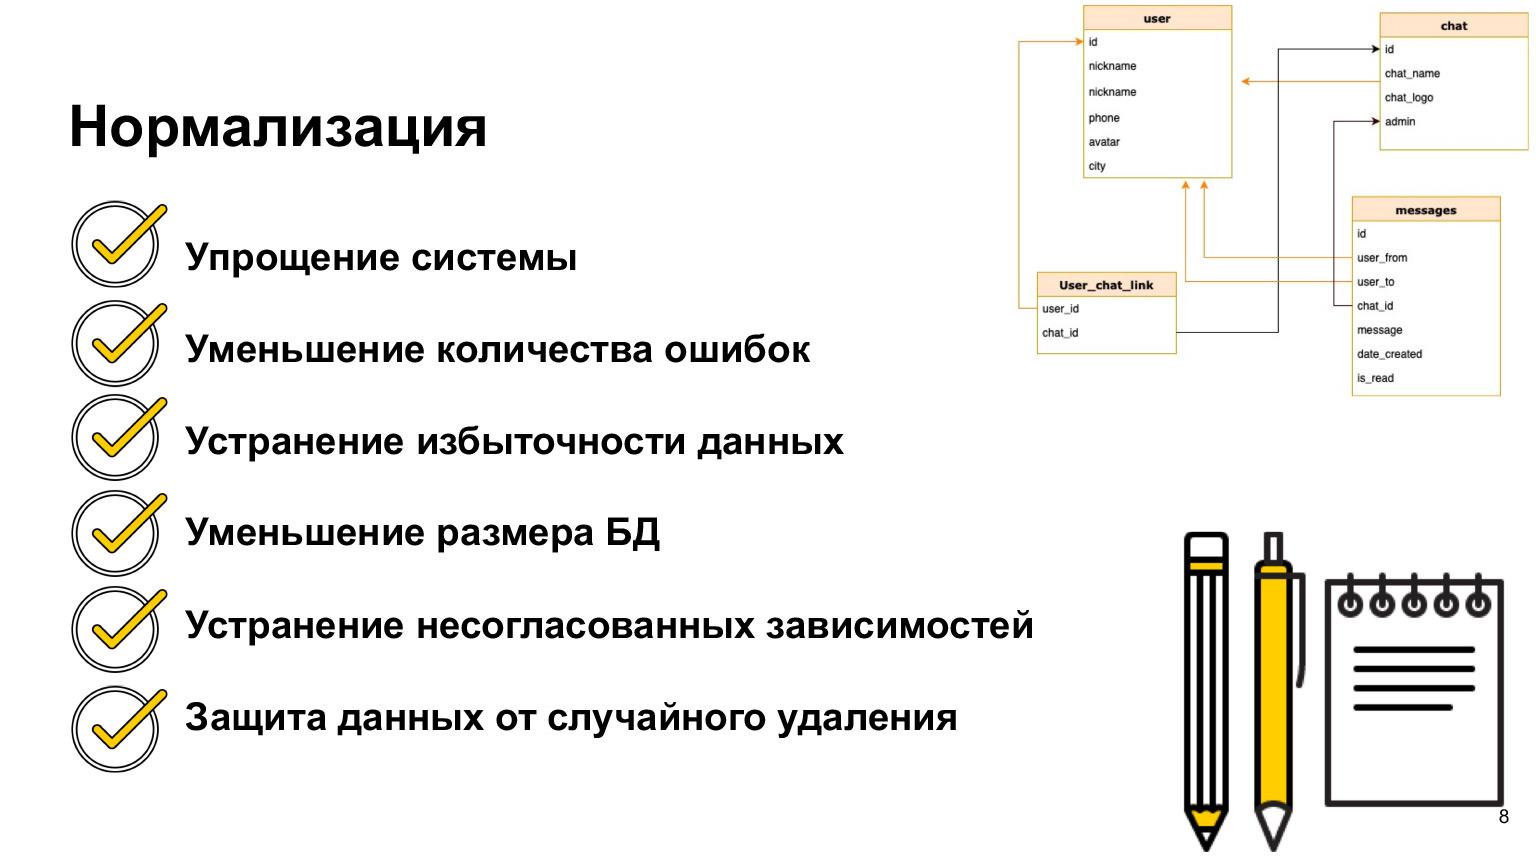 Базы данных: большой обзор типов и подходов. Доклад Яндекса - 6